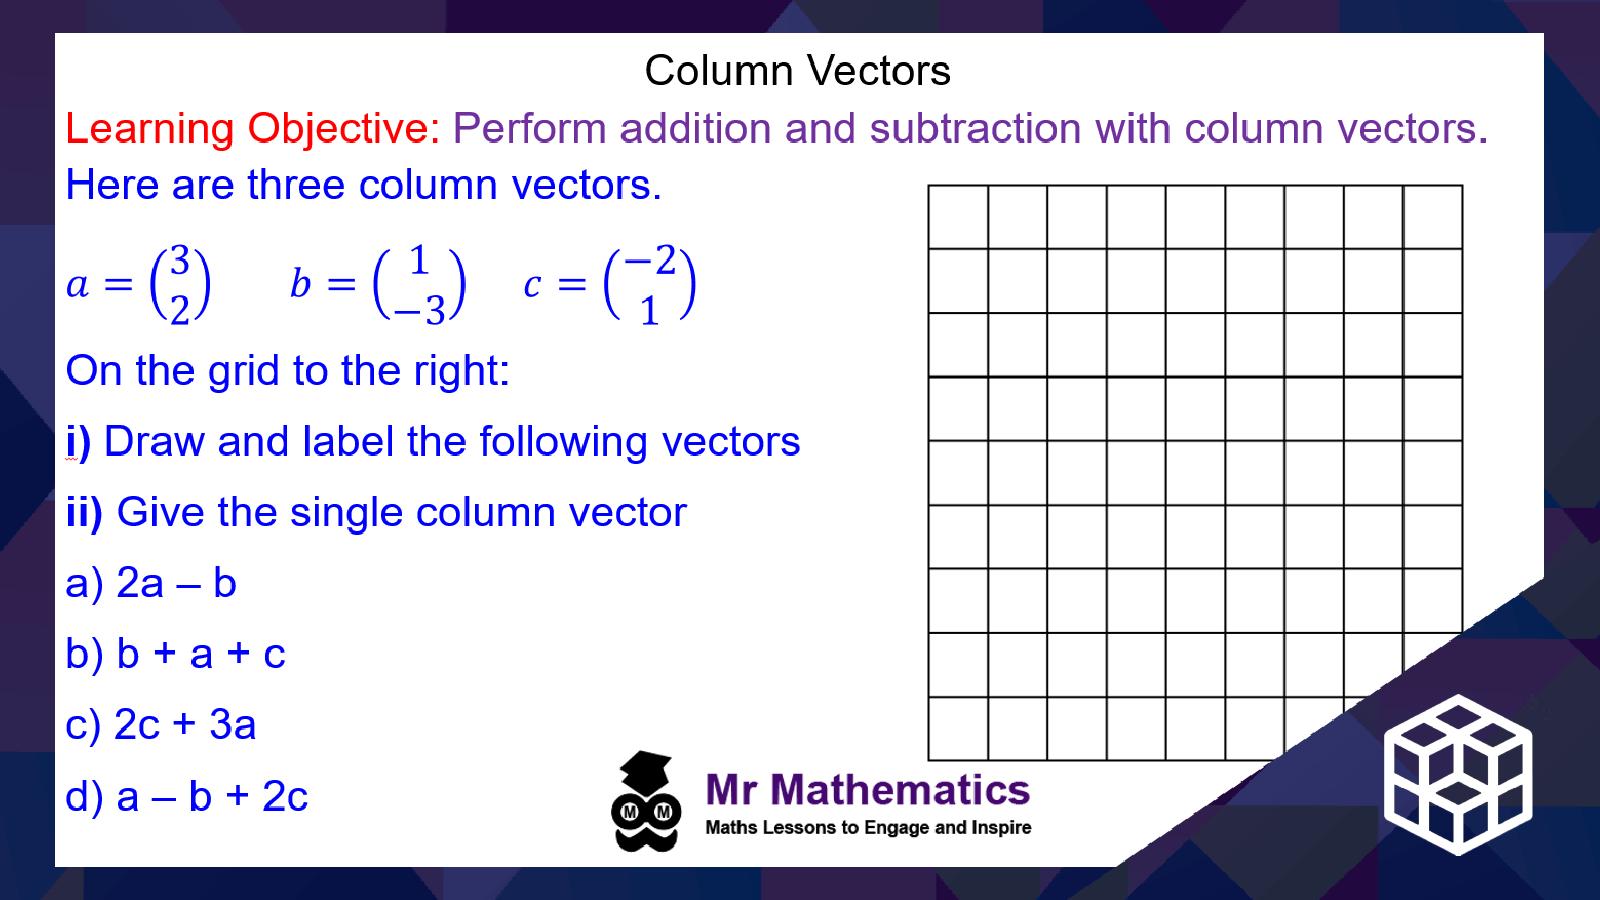 Writing a Single Column Vector